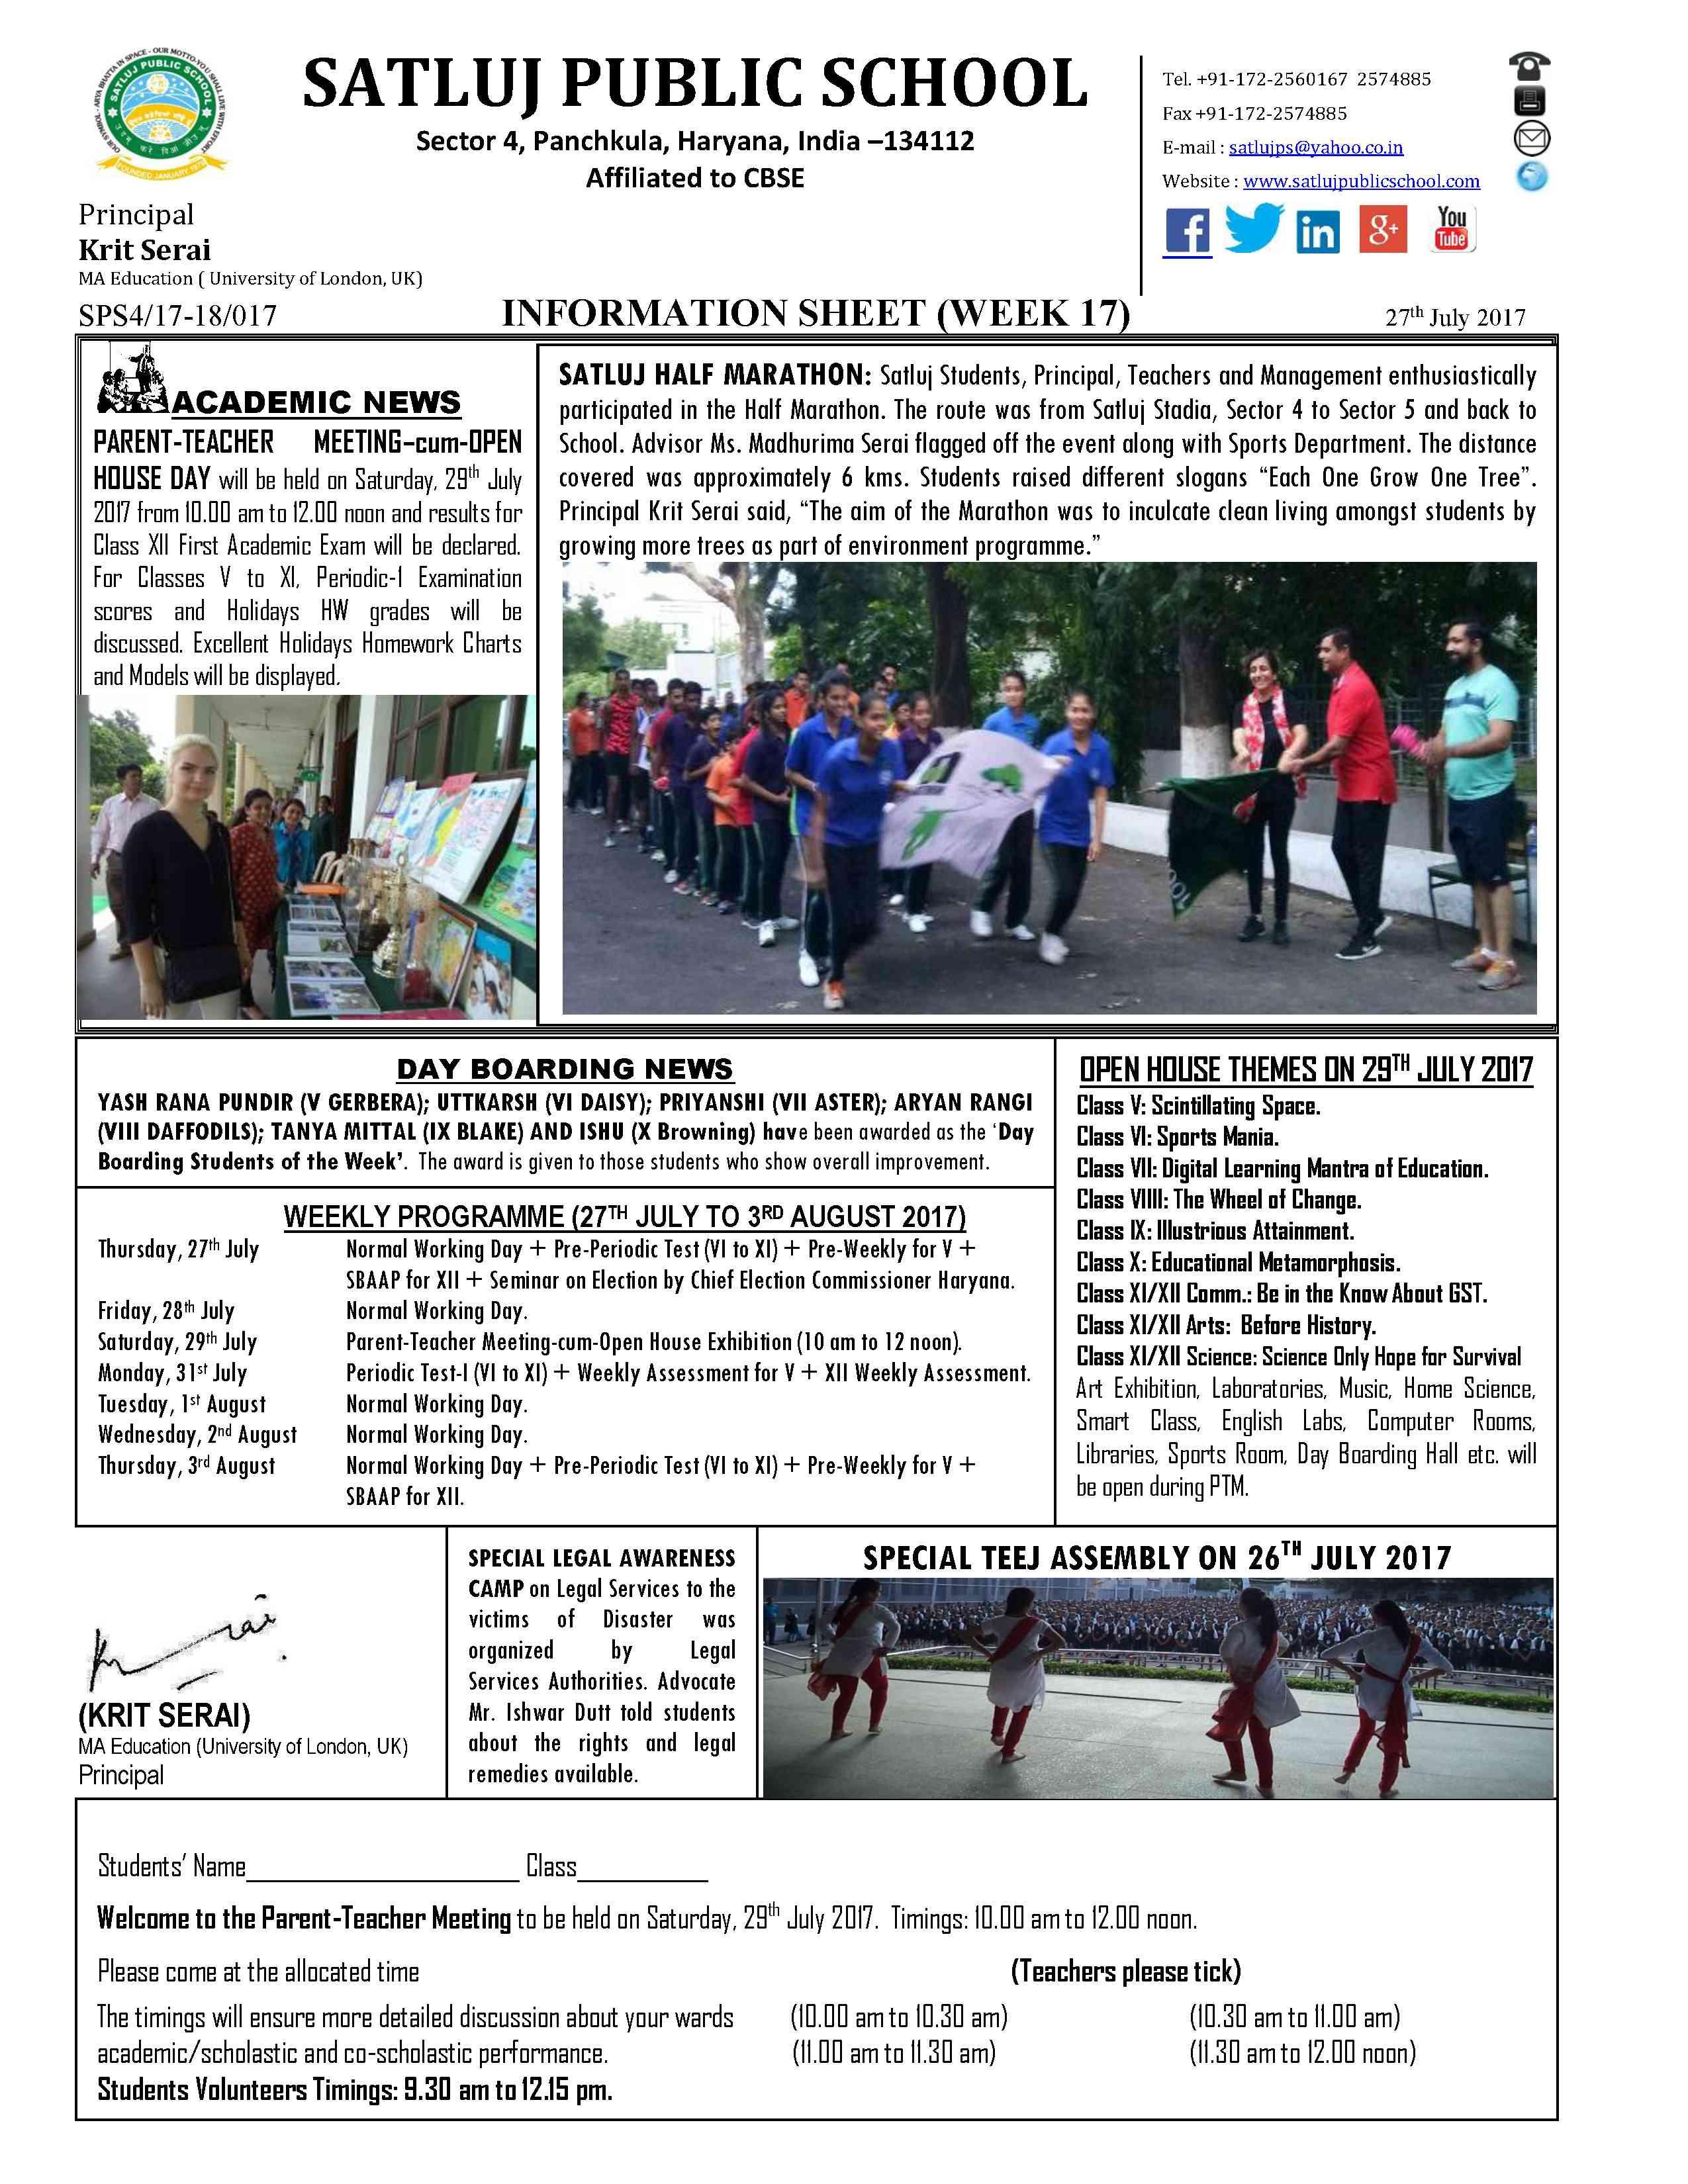 Information Sheet 171